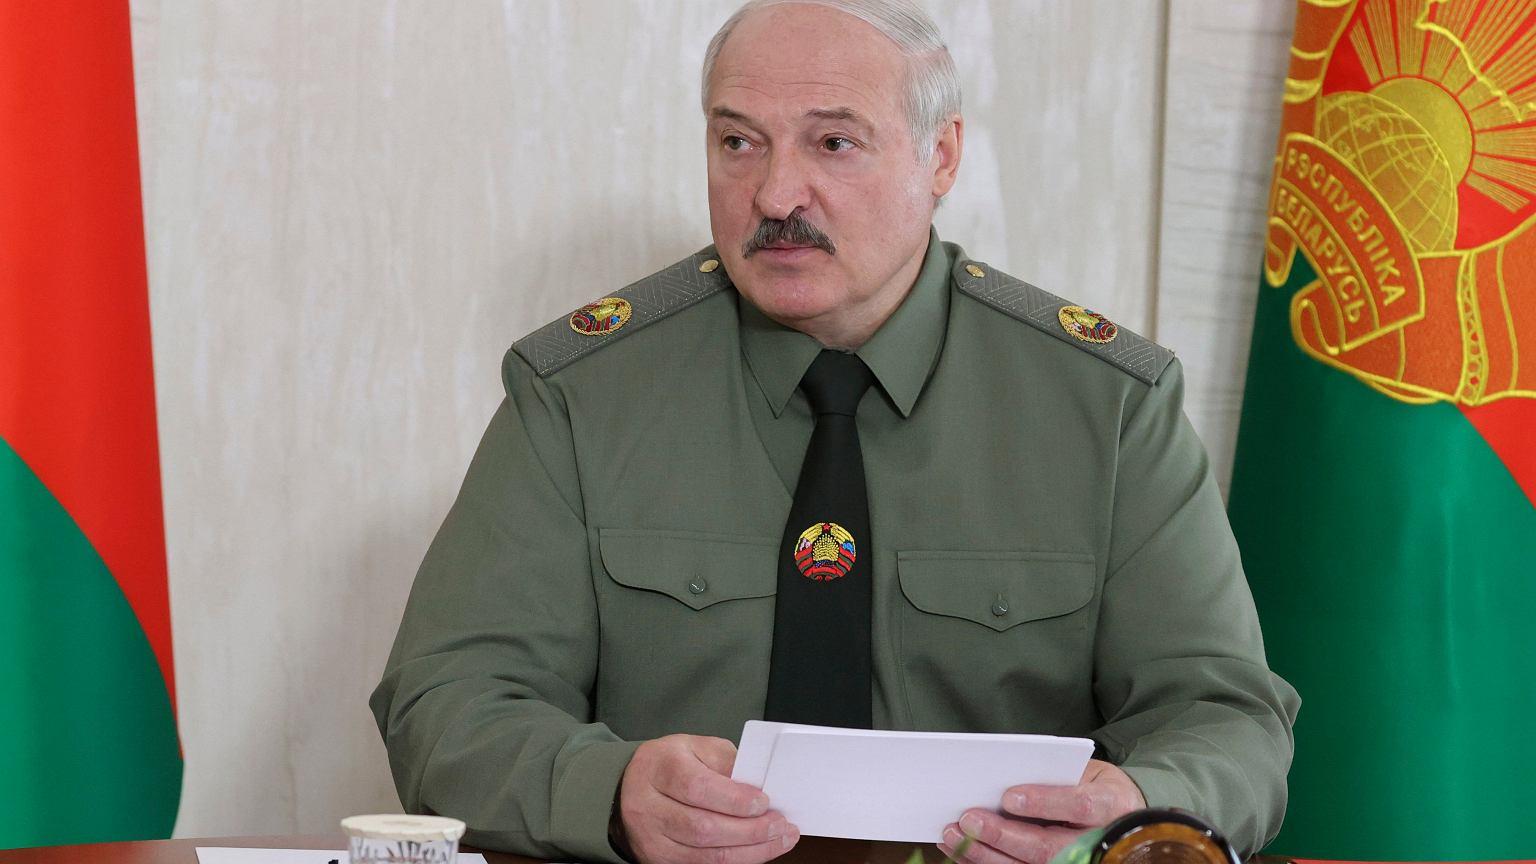 Belarus will witness EU sanctions